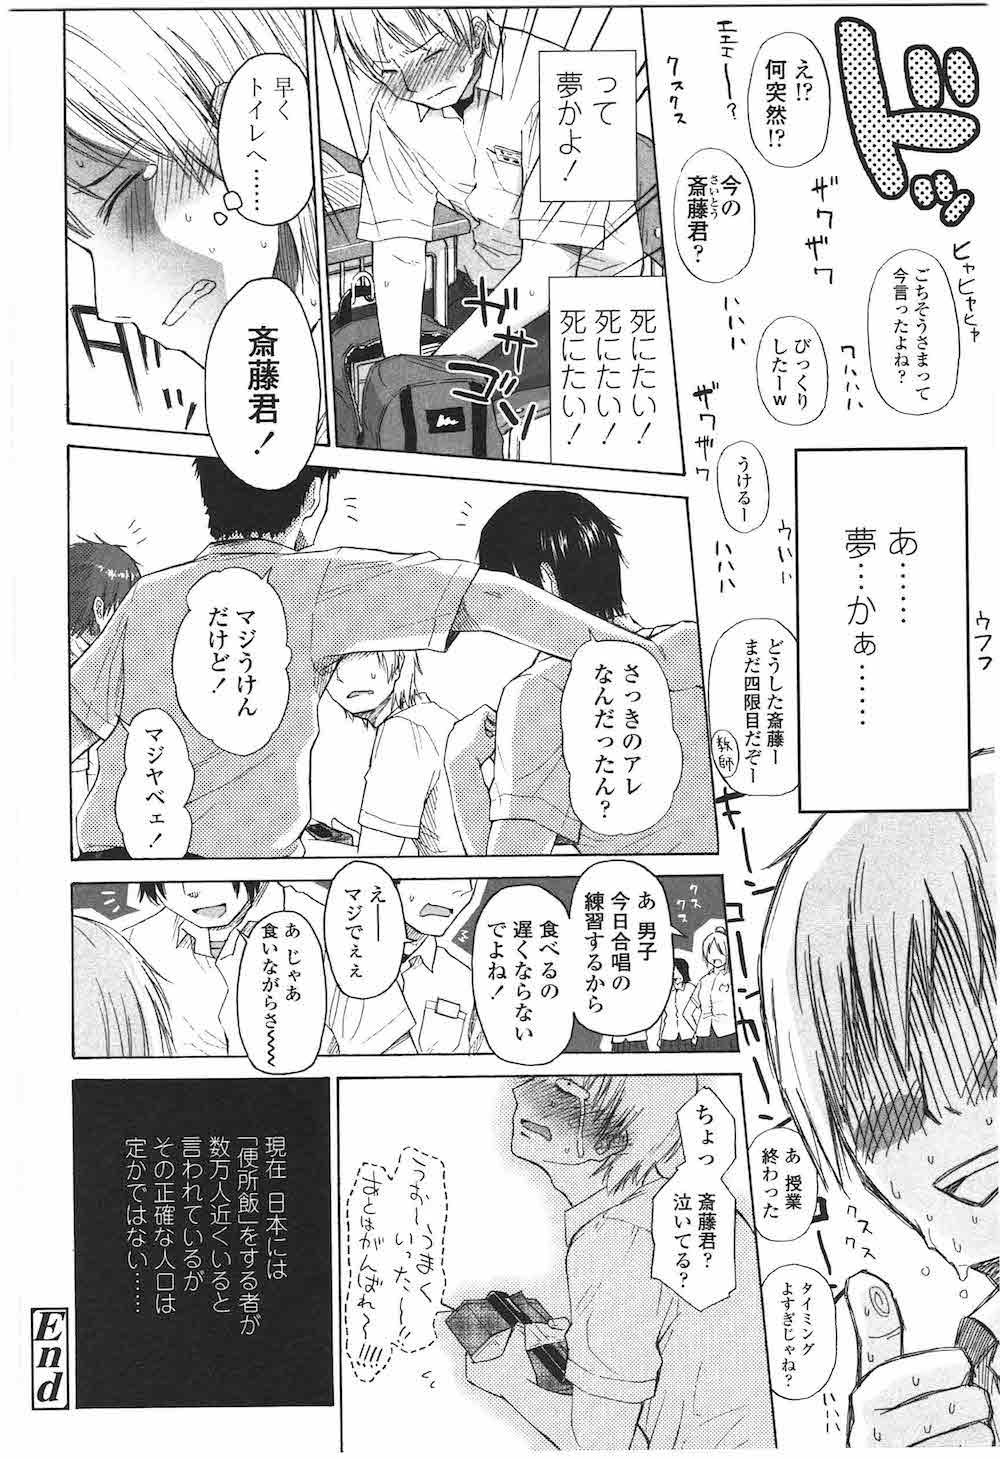 【エロ漫画】昼ご飯を学校のトイレで食べる便所飯くん!童貞の彼の前に突如現れた9歳の美少女!ちっぱいを見せつけ私を食べて下さいだって!いただきまーす!【クジラクッス】